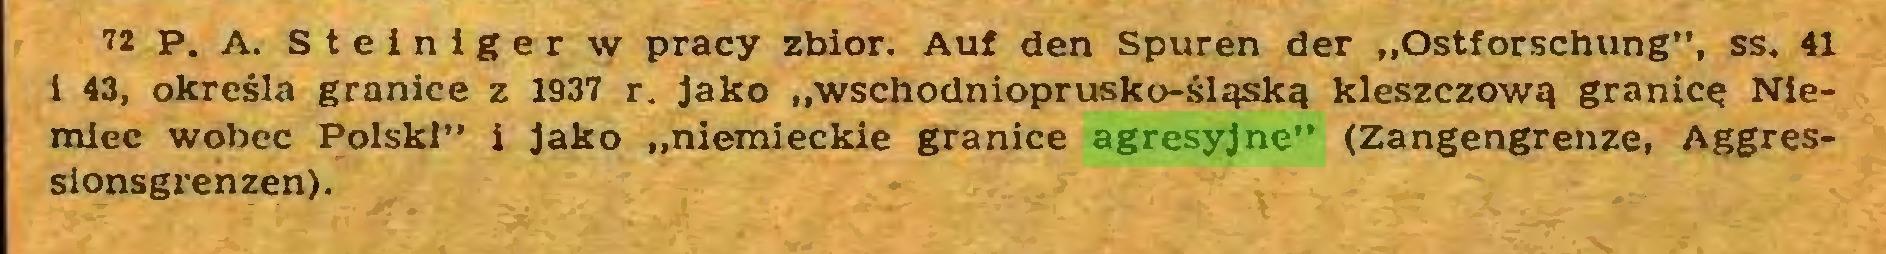 """(...) 72 p. a. Steiniger w pracy zbiór. Auf den Spuren der """"Ostforschung"""", ss. 41 i 43, określa granice z 1937 r. Jako """"wschodnioprusko-śląską kleszczową granicą Niemiec wobec Polski"""" i Jako """"niemieckie granice agresyjne"""" (Zangengrenze, Aggressionsgrenzen)..."""